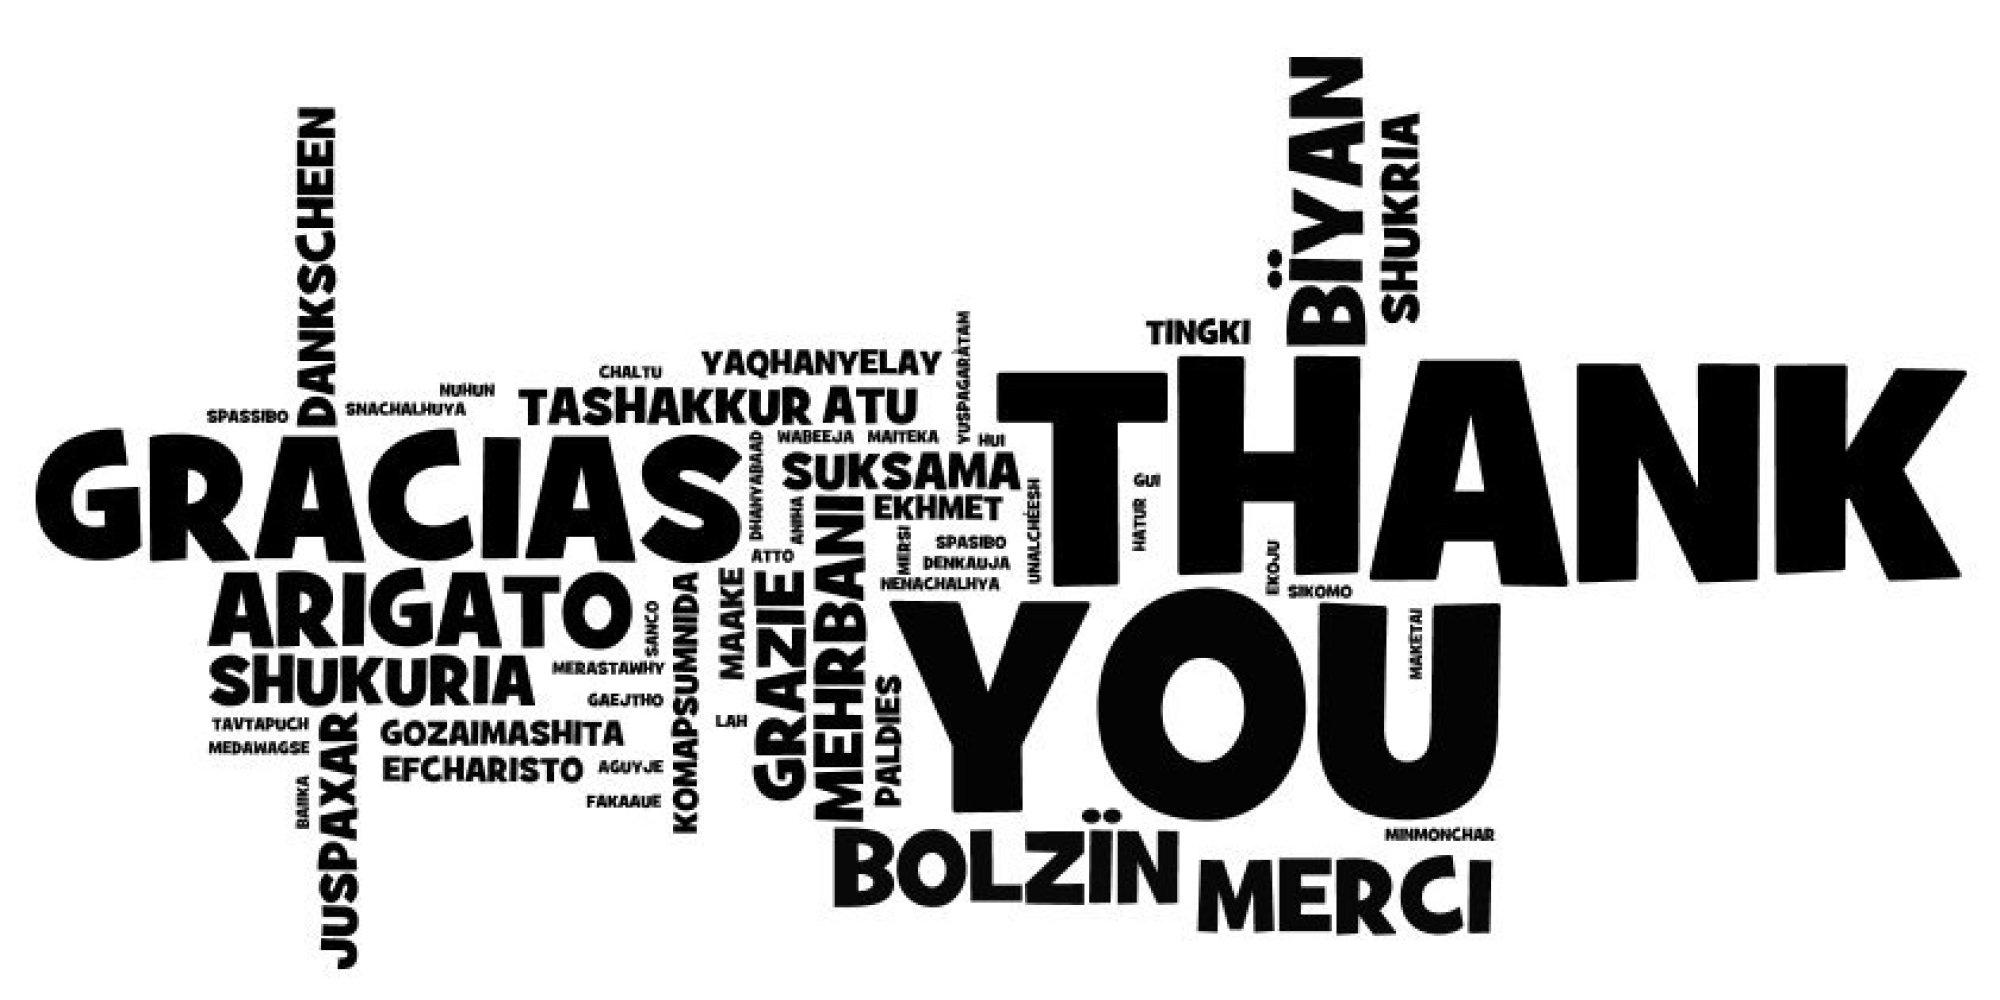 ThuThuatTinHoc - Slide cảm ơn đẹp (10)